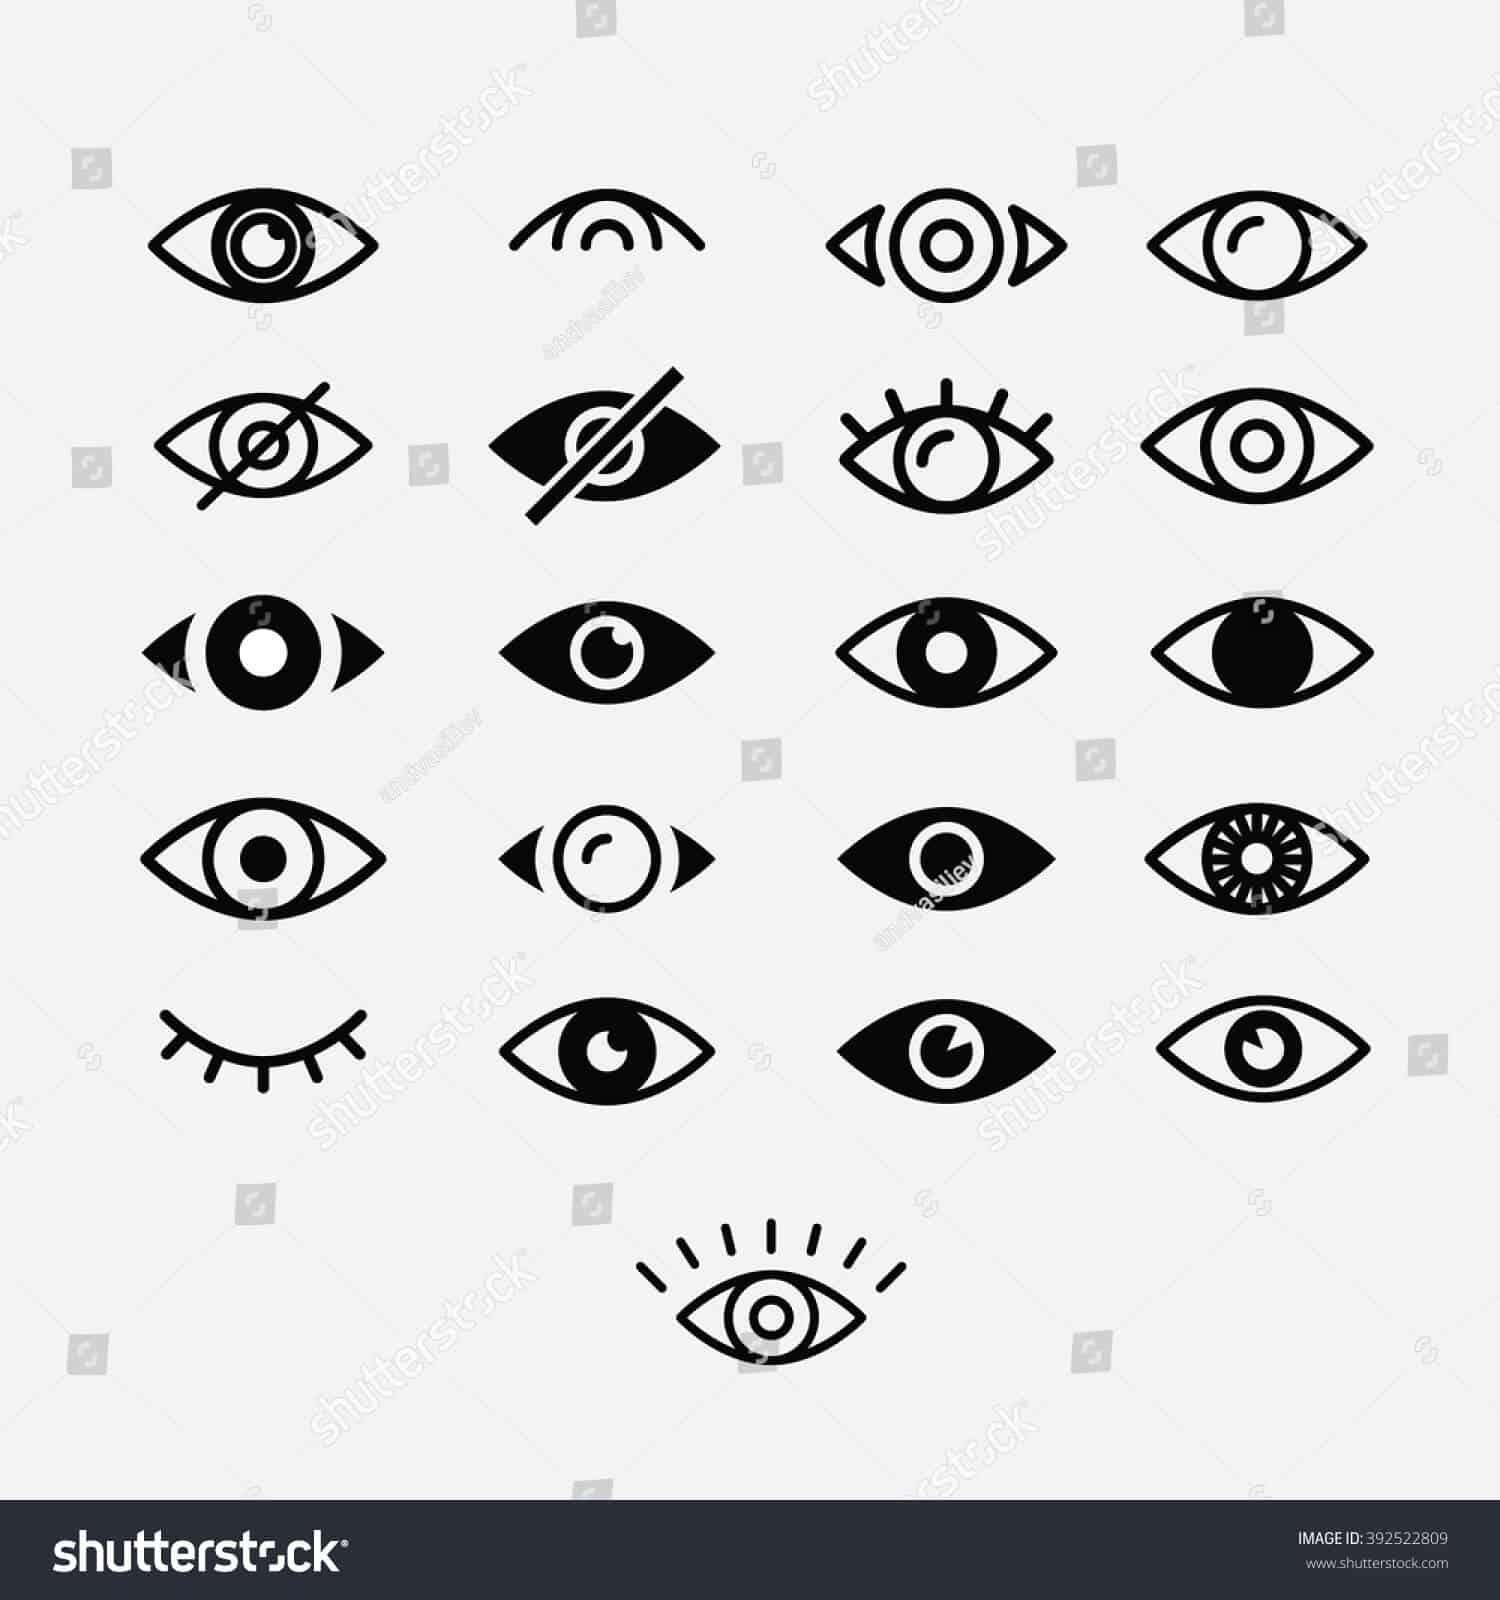 8 triệu hình ảnh đôi mắt chất lượng cao trên Shutterstock